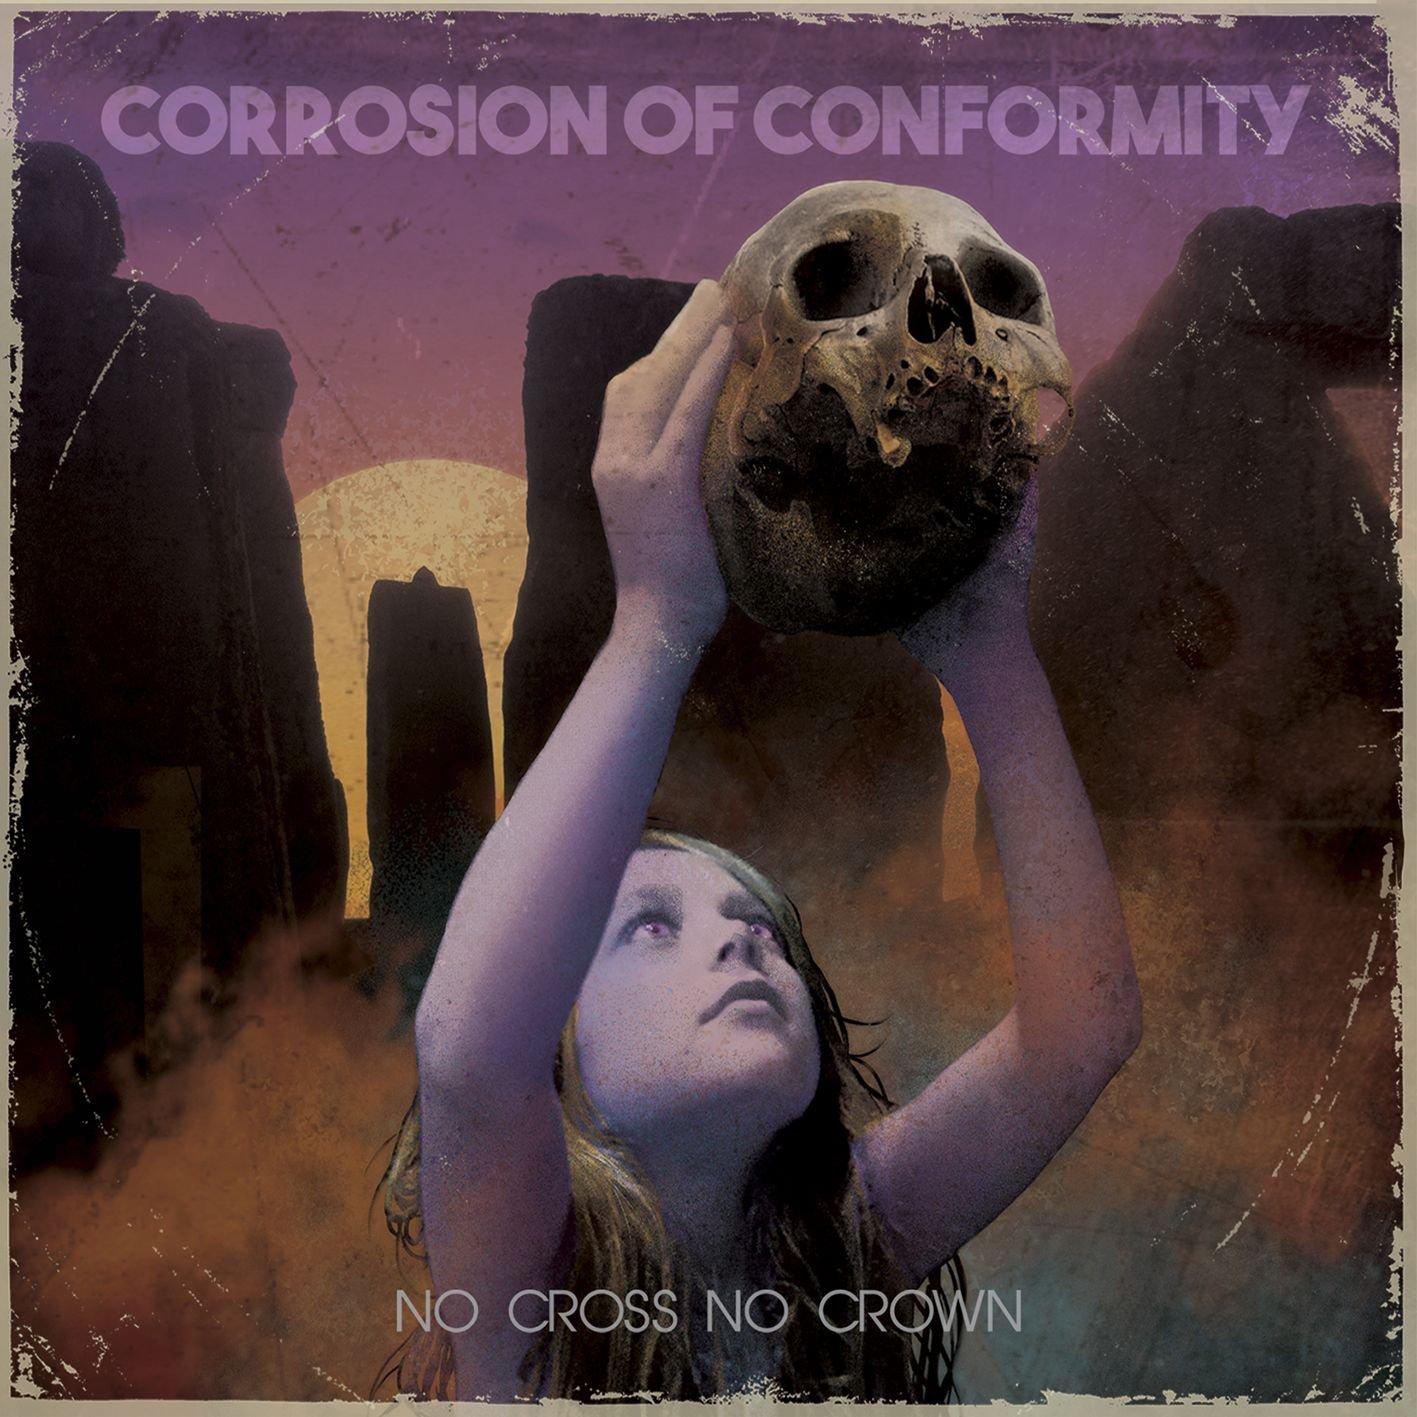 CD : Corrosion of Conformity - No Cross No Crown (CD)